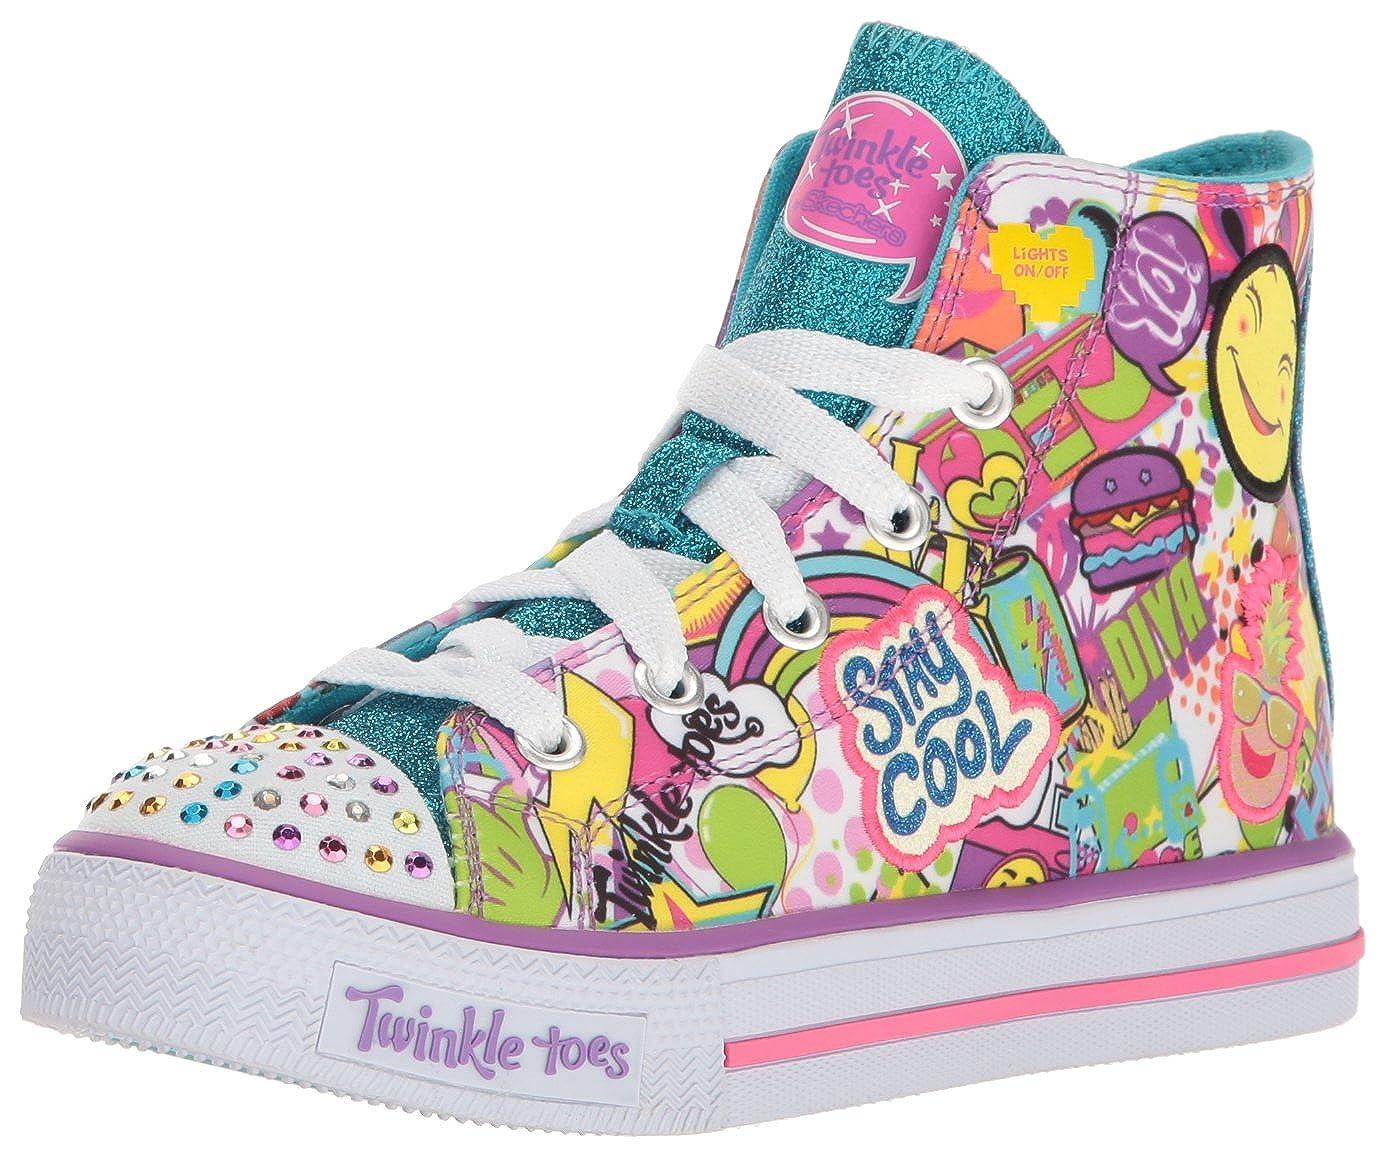 Skechers Kids Kids' Shuffles-Trendy Talk Sneaker SHUFFLES -TRENDY TALK - K